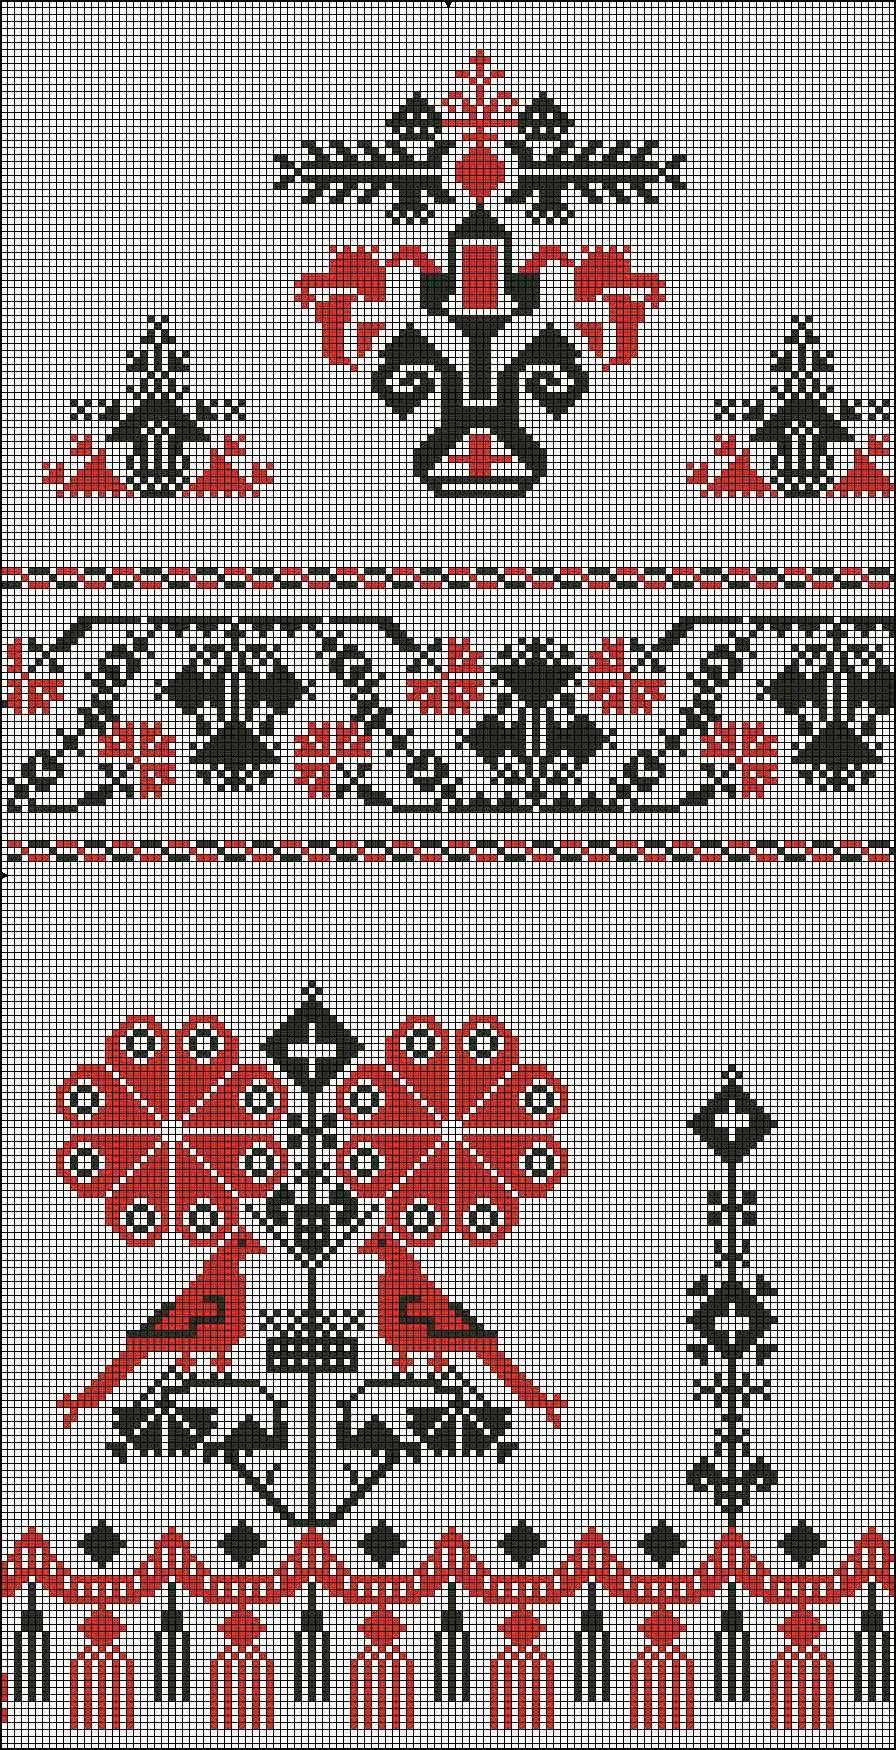 Русский свадебный рушник своими руками схемы русская традиция